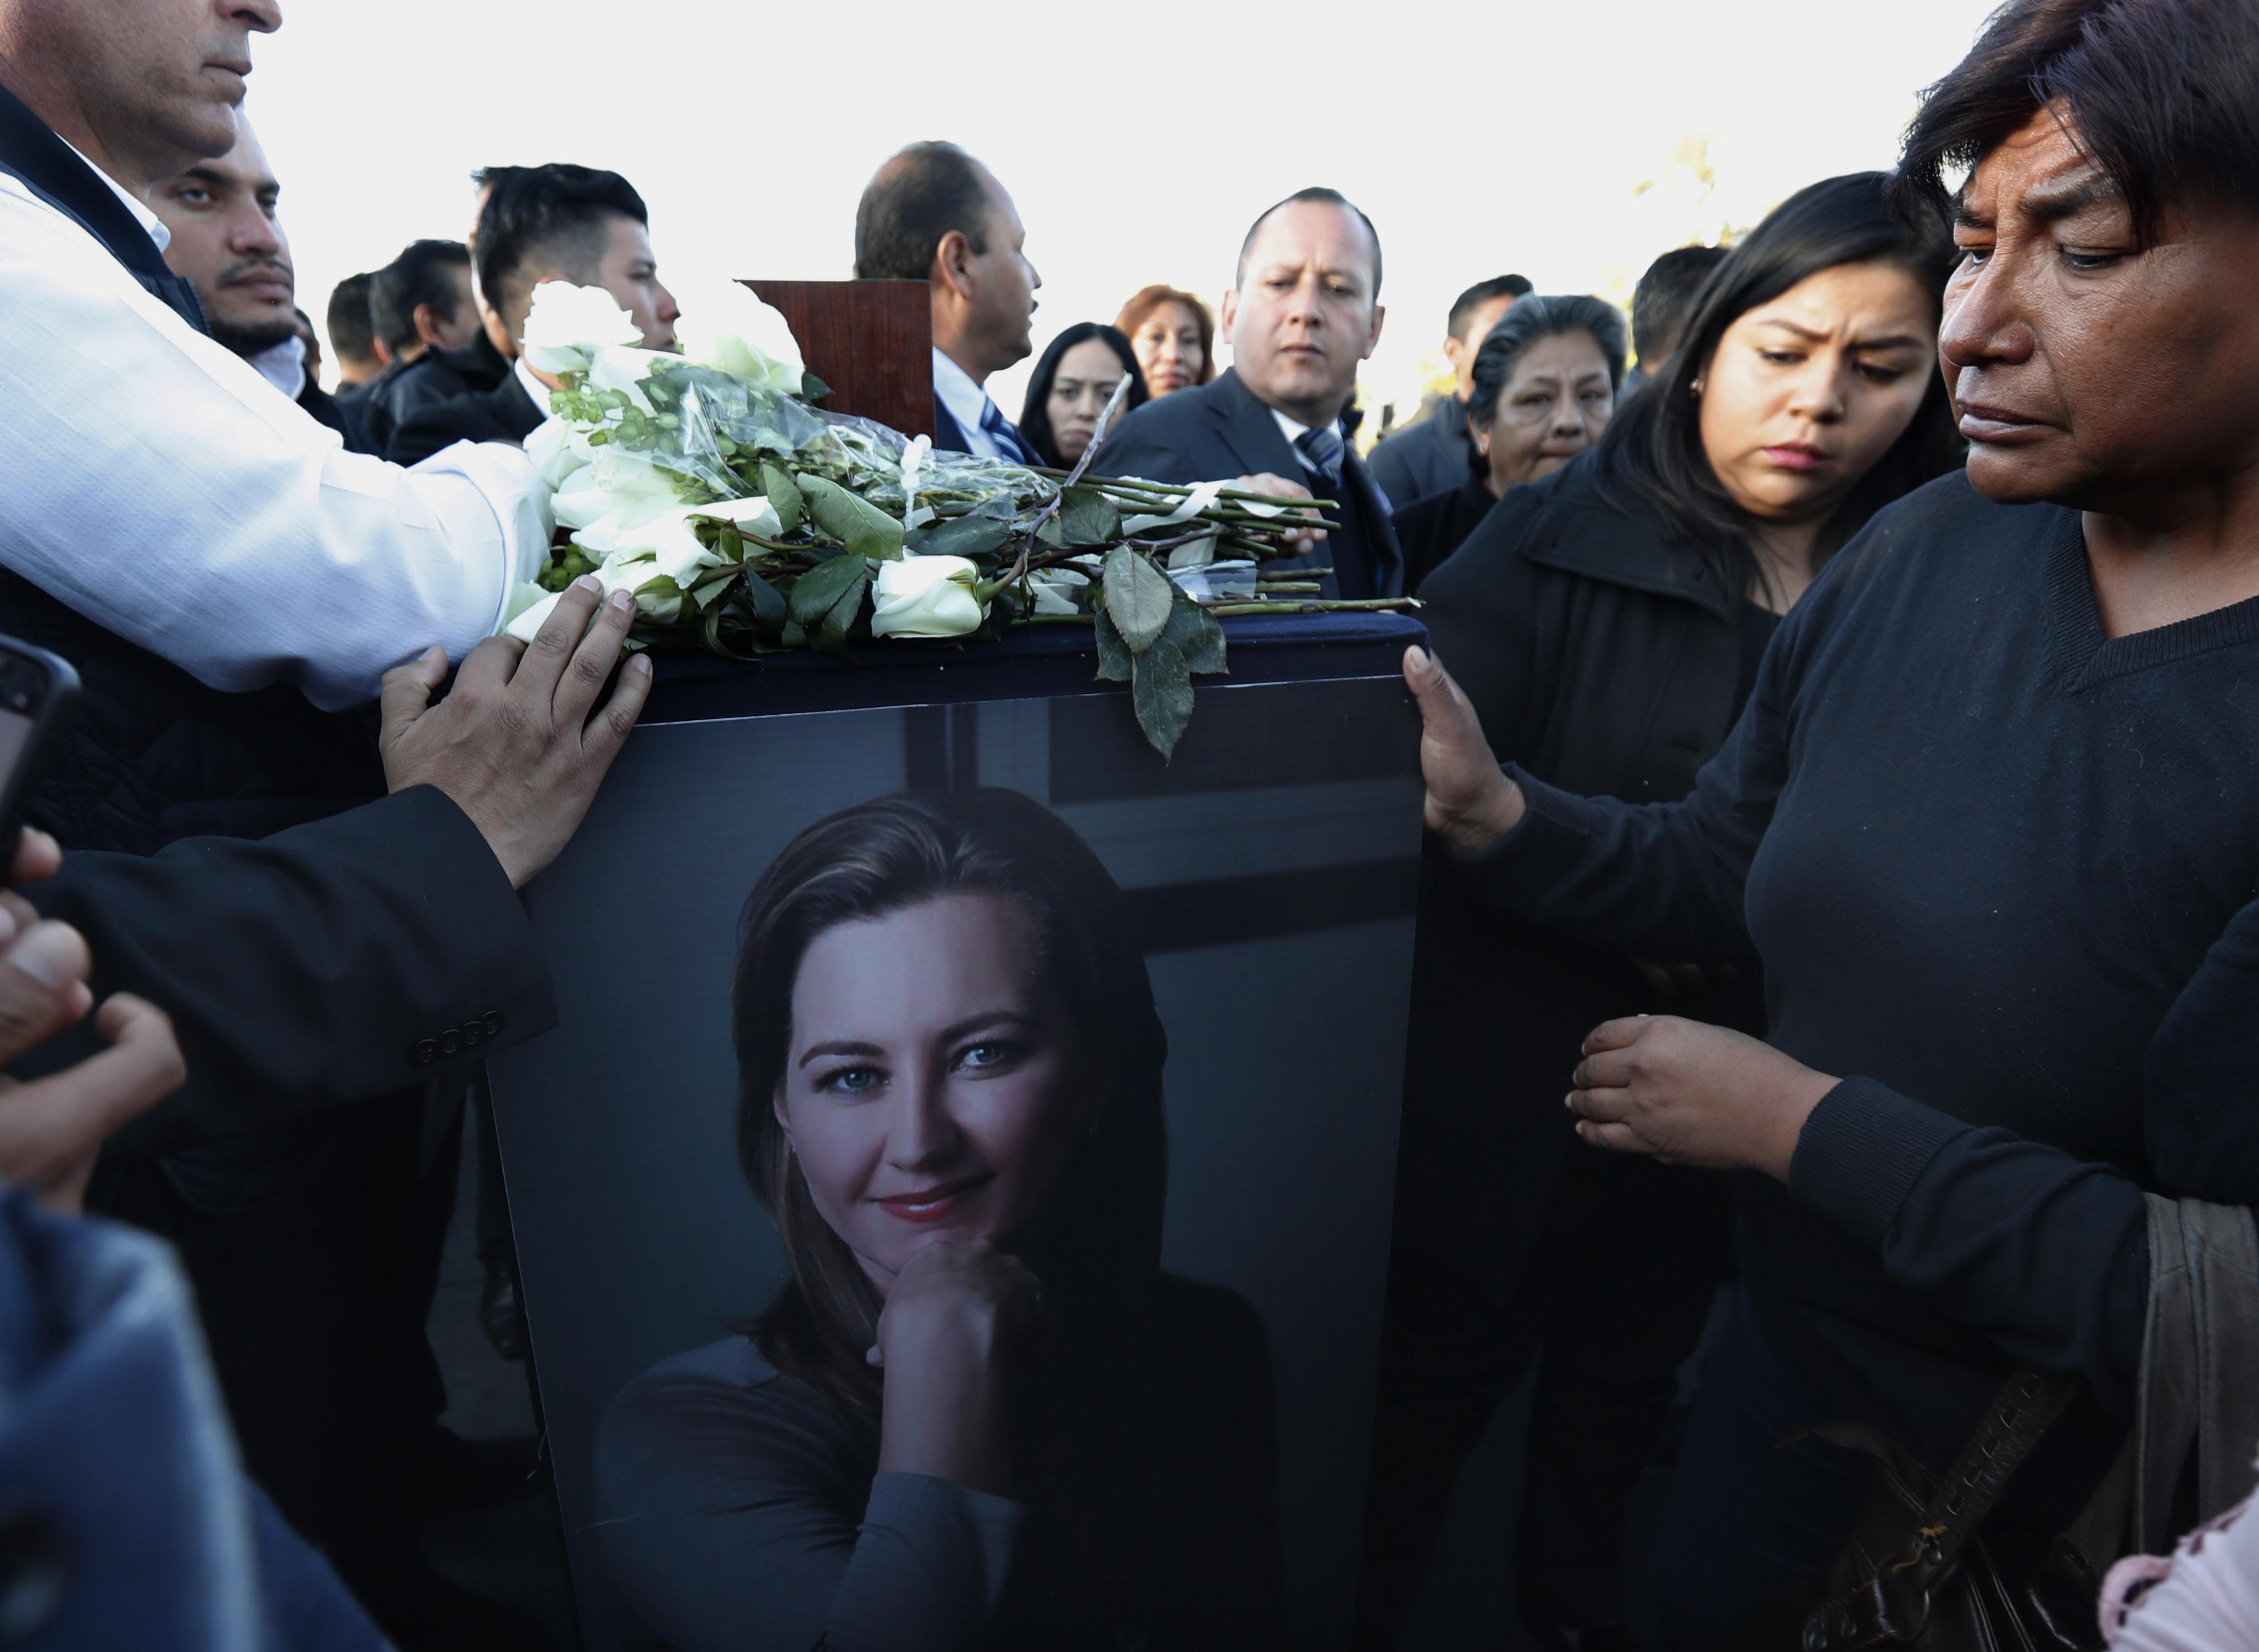 Todo lo que se sabe sobre la muerte de Alonso y Moreno Valle